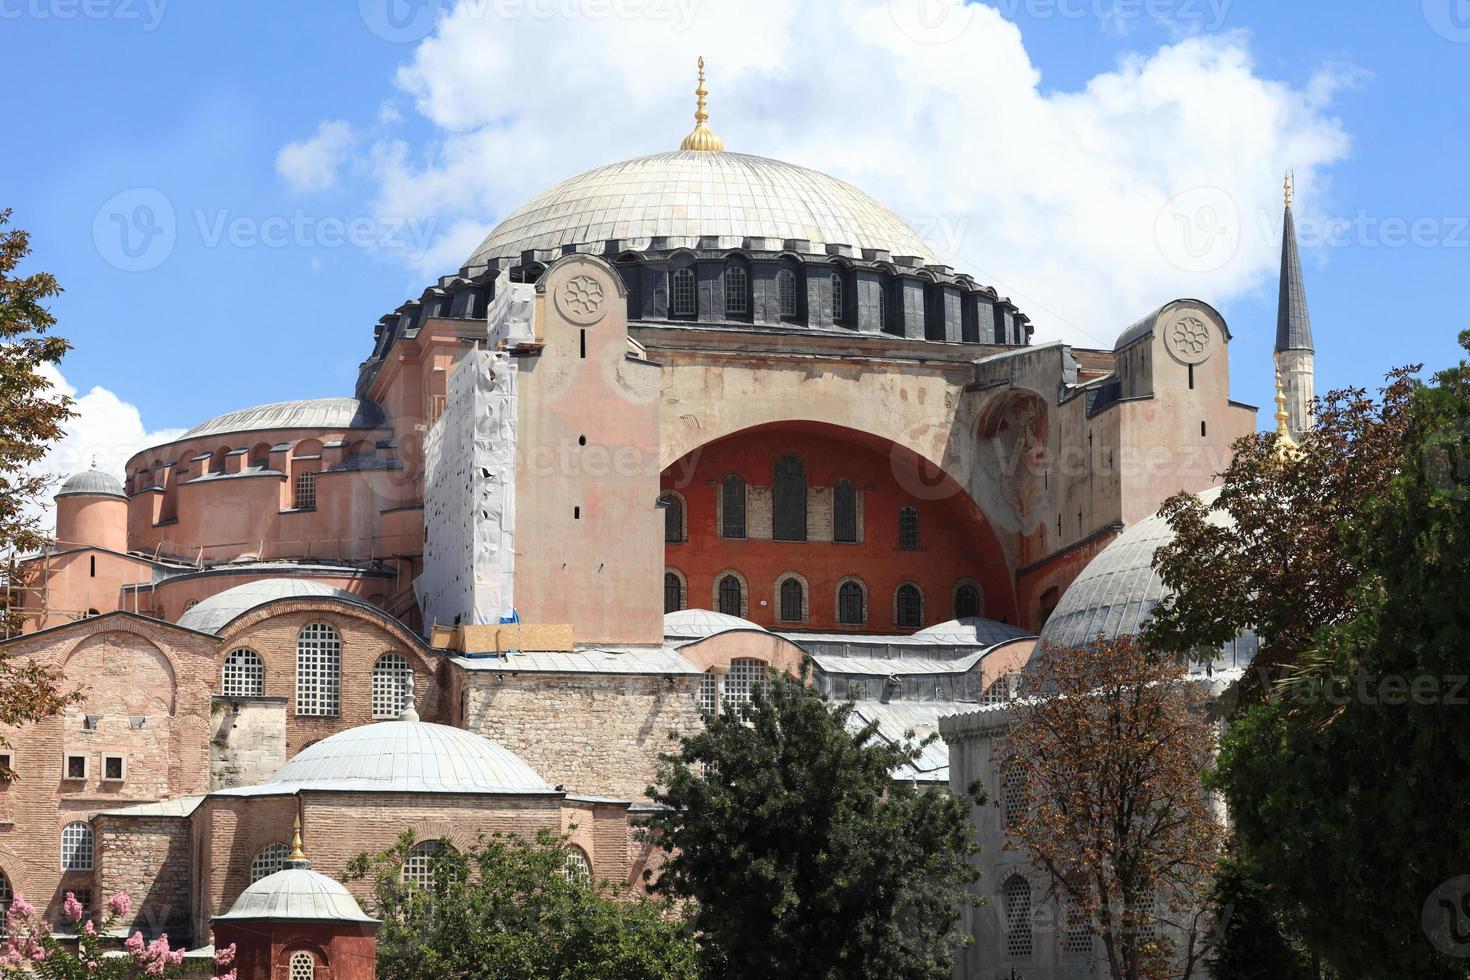 Details of Hagia Sophia photo